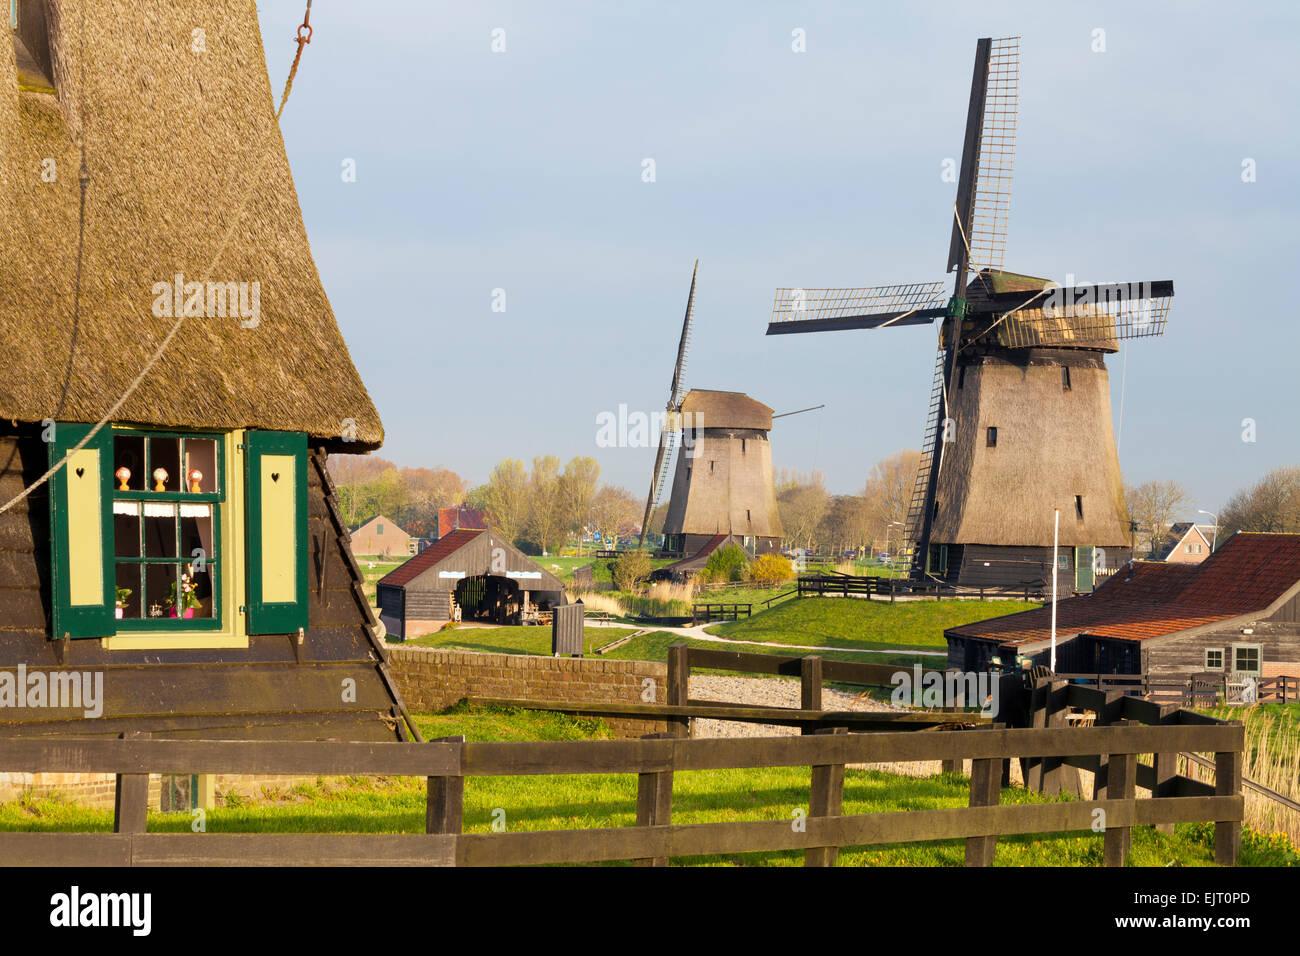 Traditional Windmills beside a Canal, Schermerhorn, North Holland, Netherlands Stock Photo